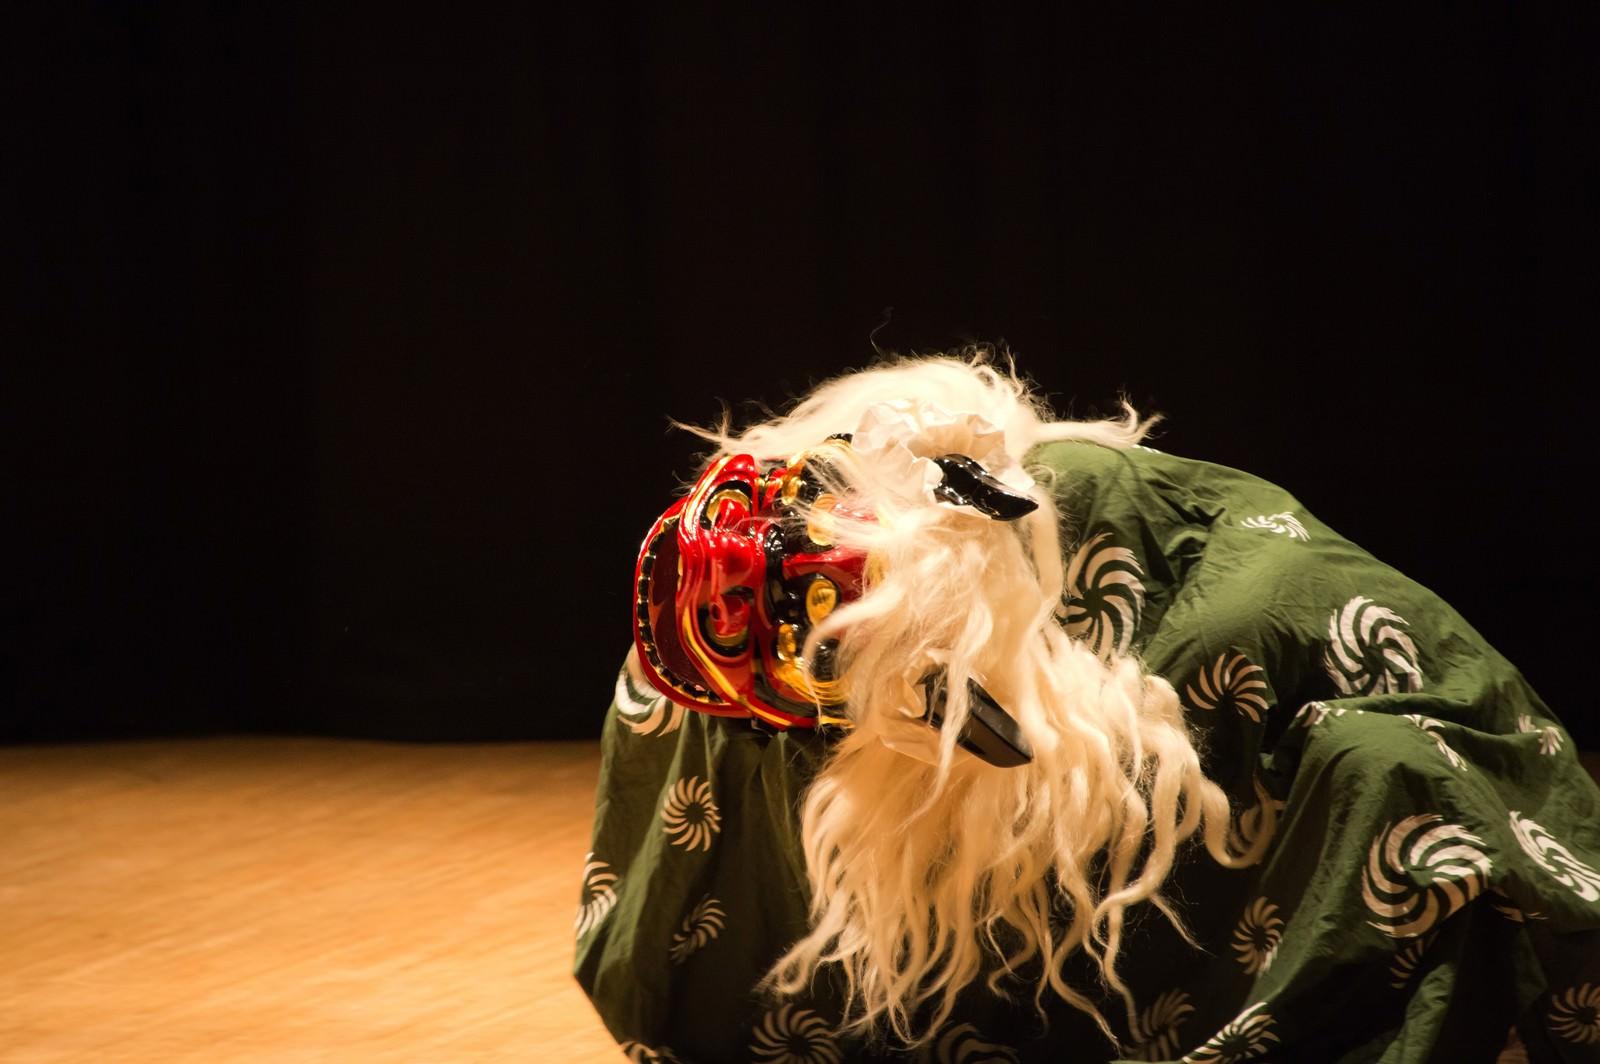 「獅子舞獅子舞」のフリー写真素材を拡大